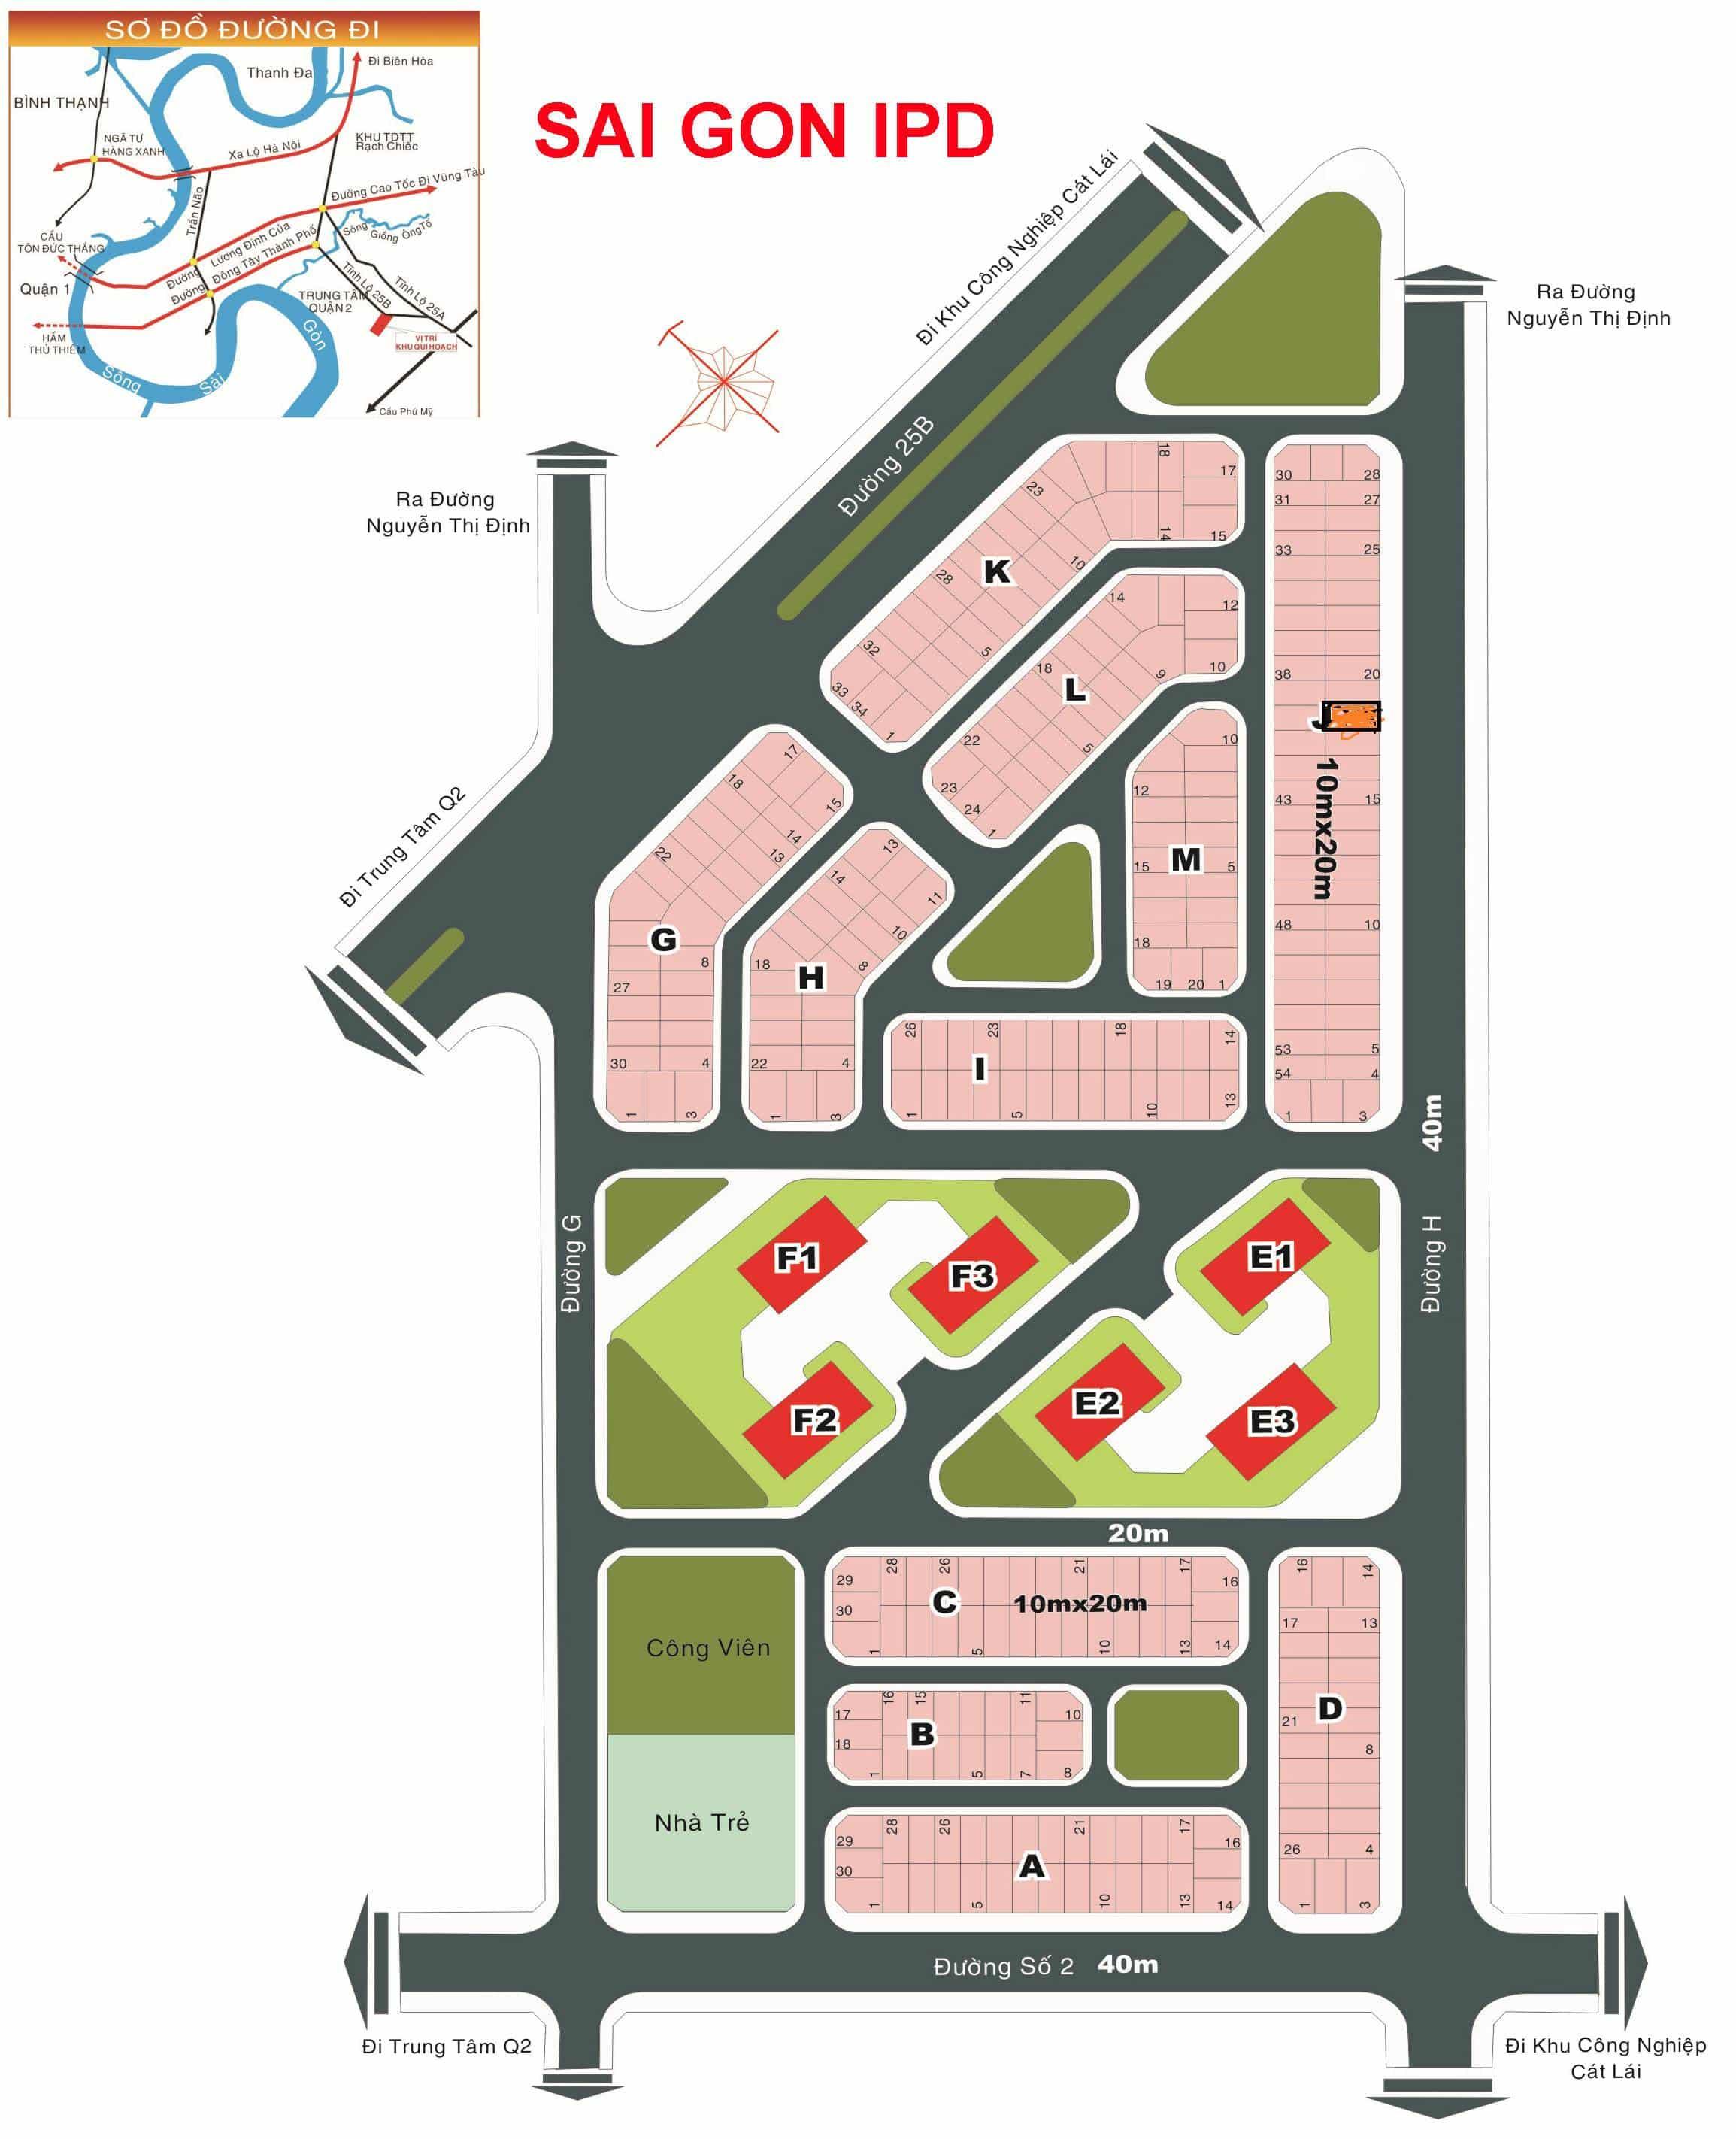 Bản đồ Dự án Sài Gòn IPD phường Thạnh Mỹ Lợi